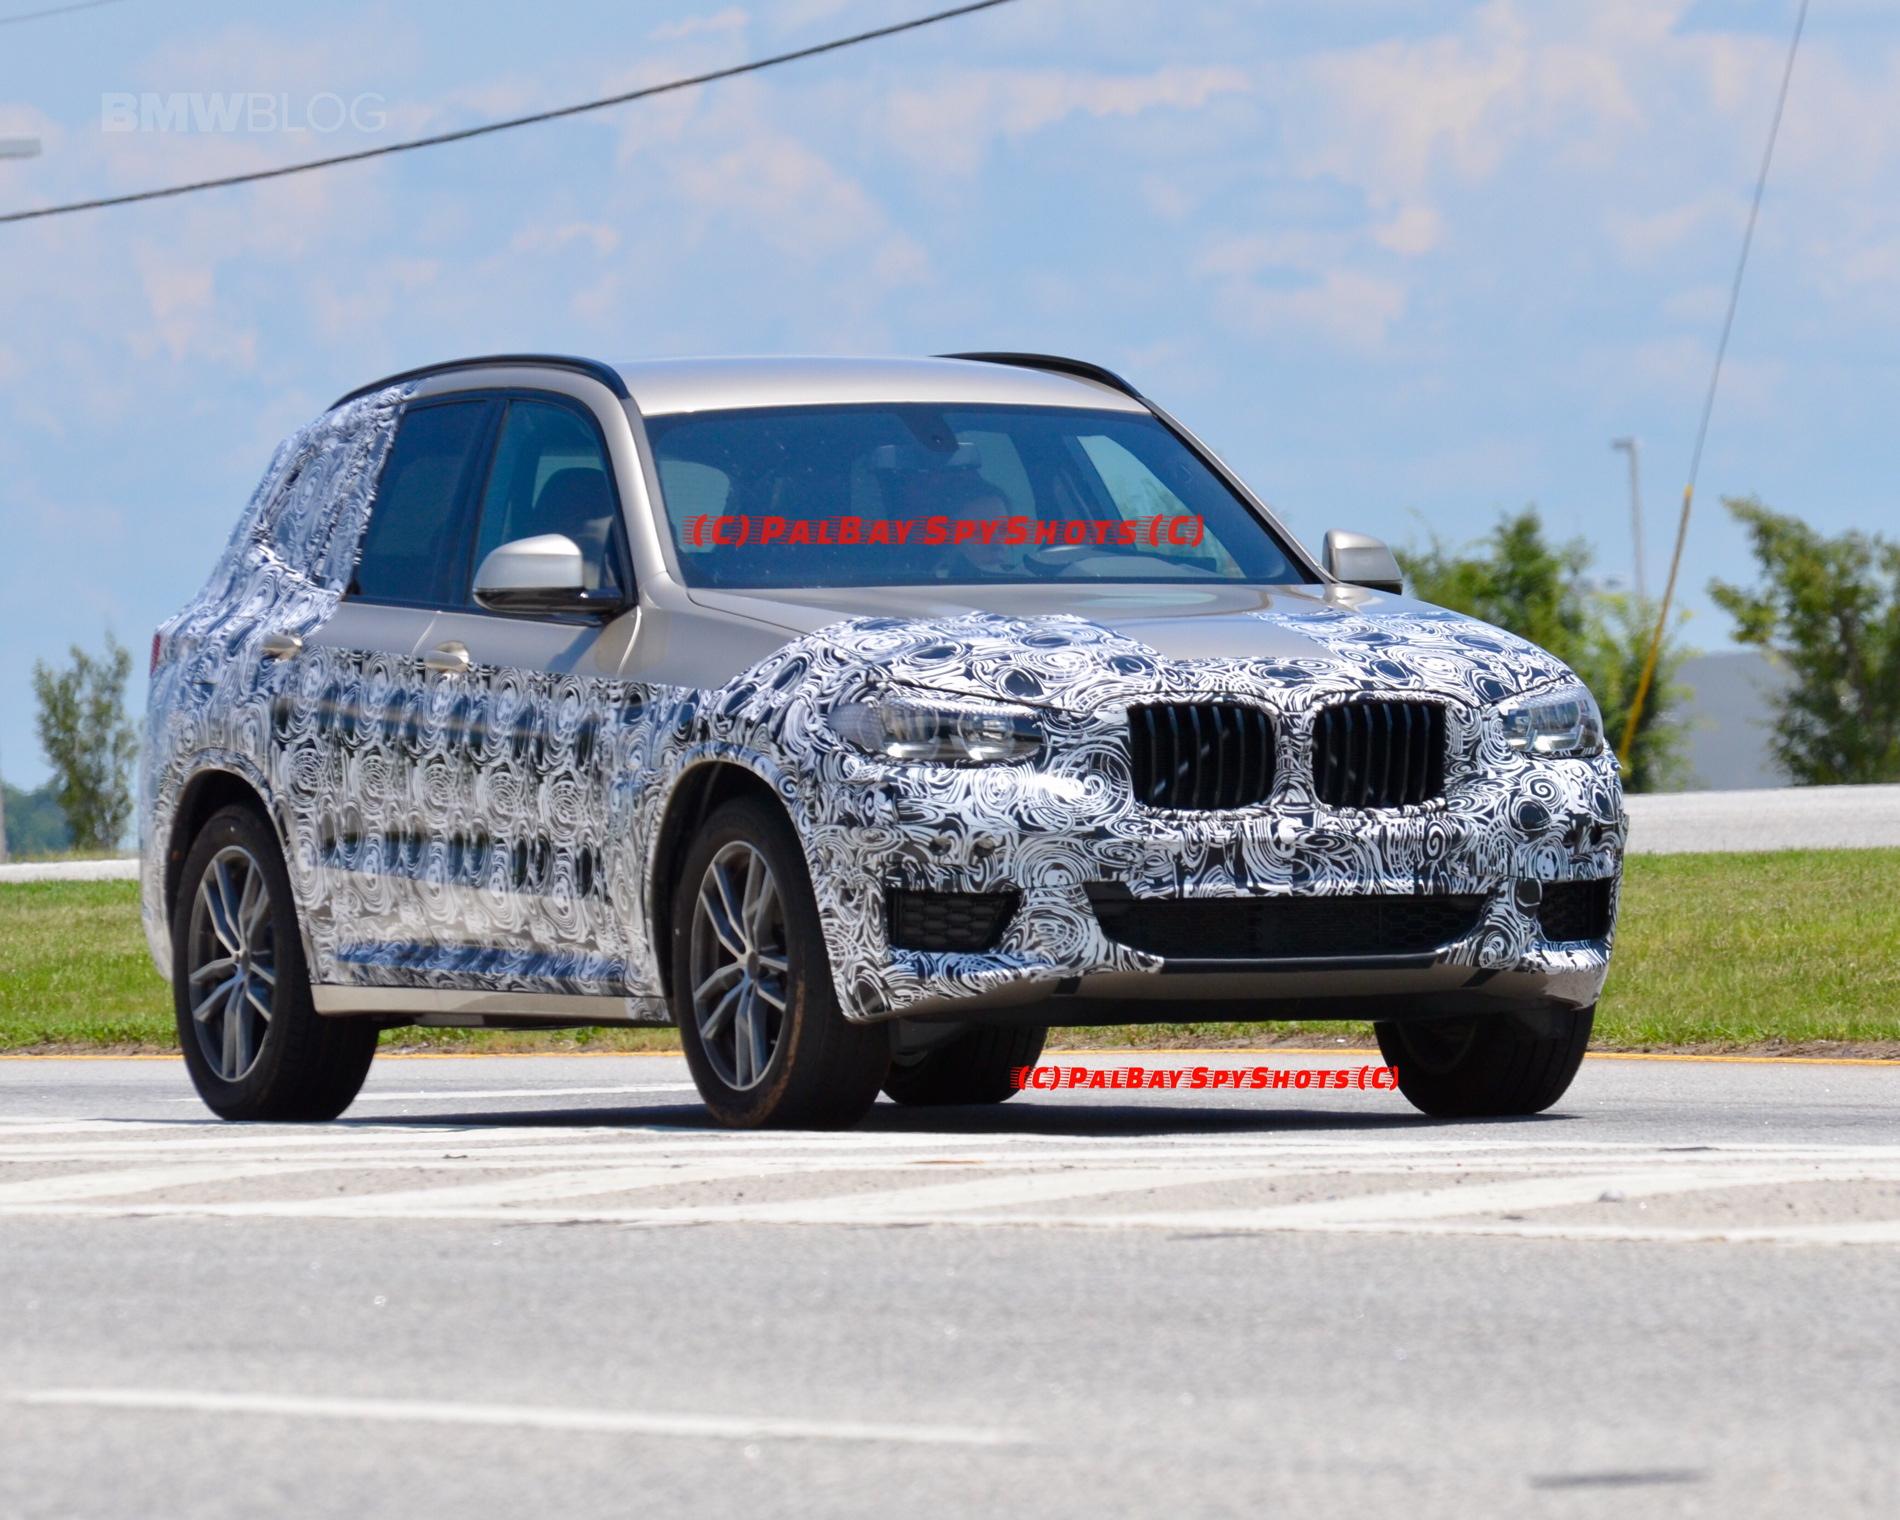 G01 BMW X3 spied spartanburg 05